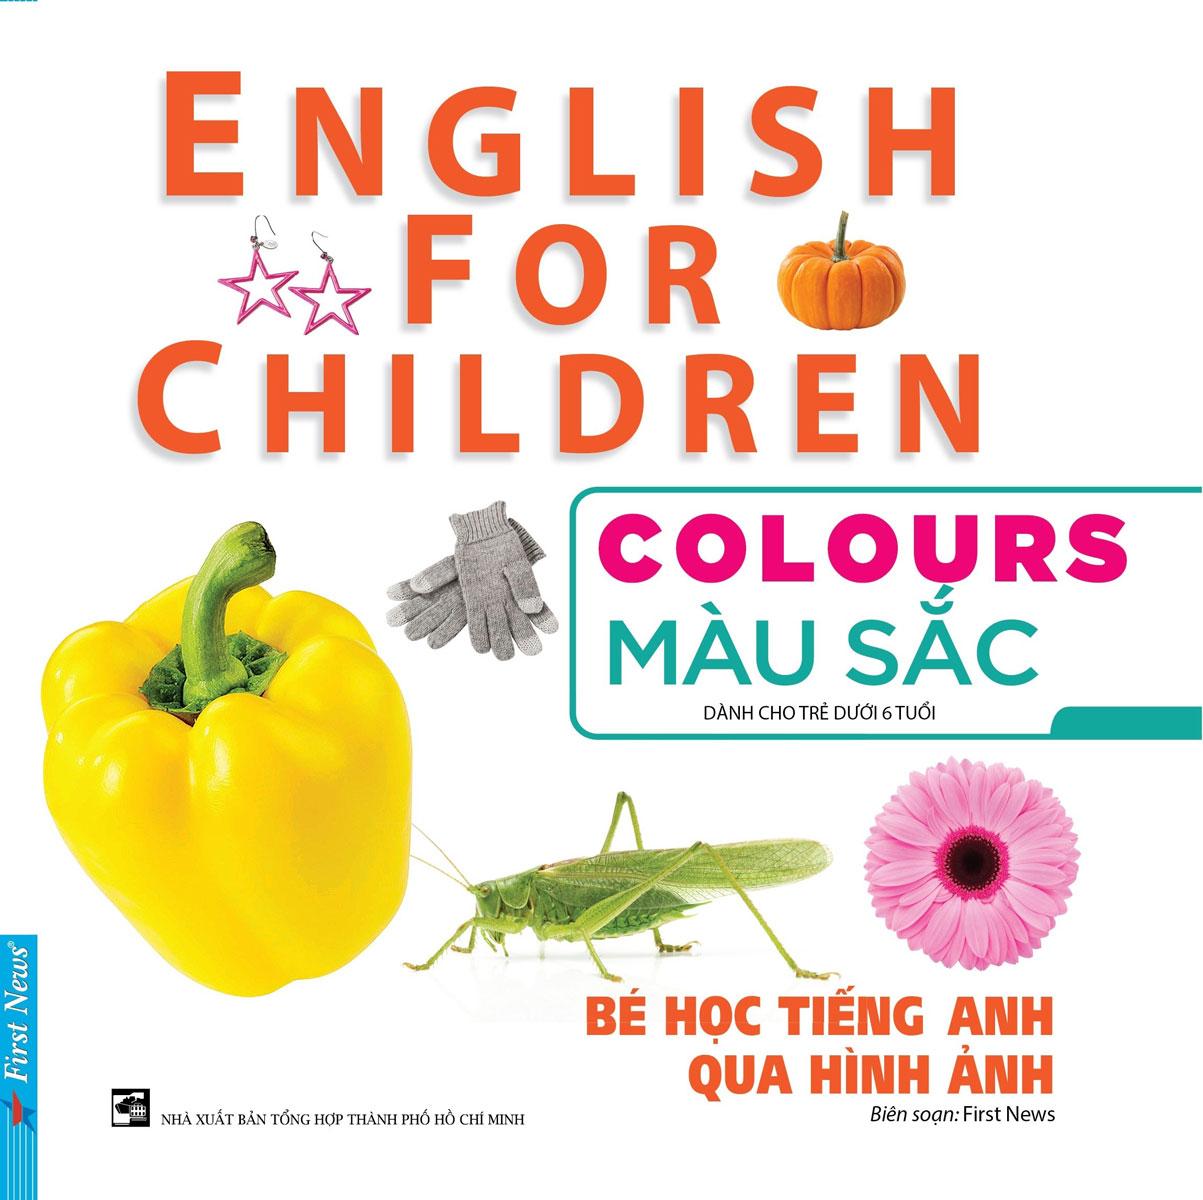 Bé Học Tiếng Anh Qua Hình Ảnh - Màu Sắc